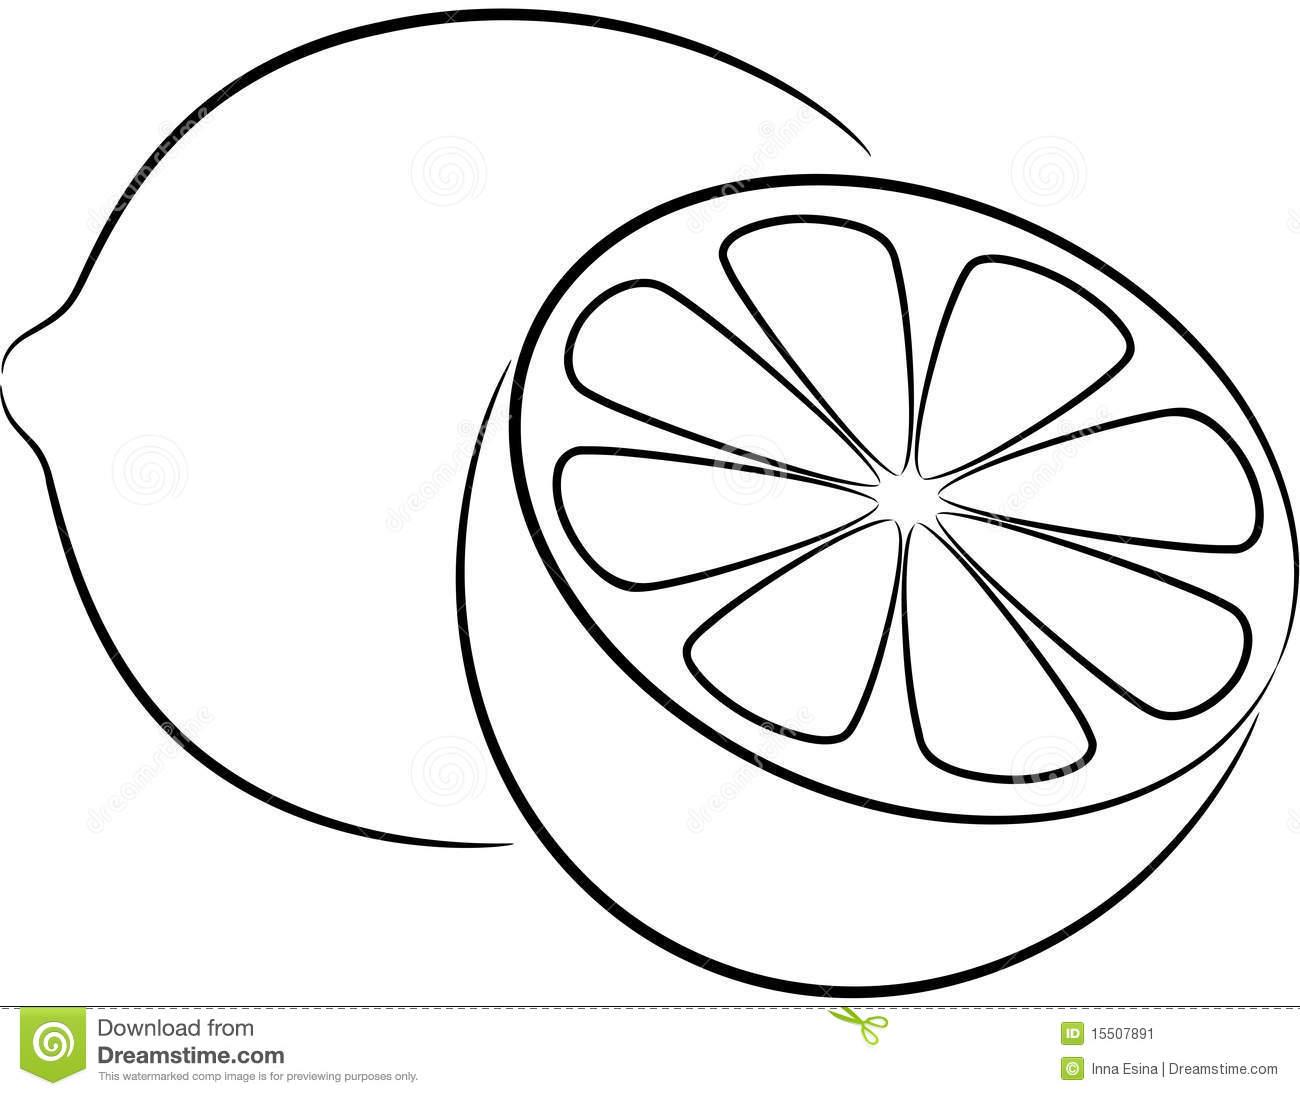 Clipart Lemon Black And White.